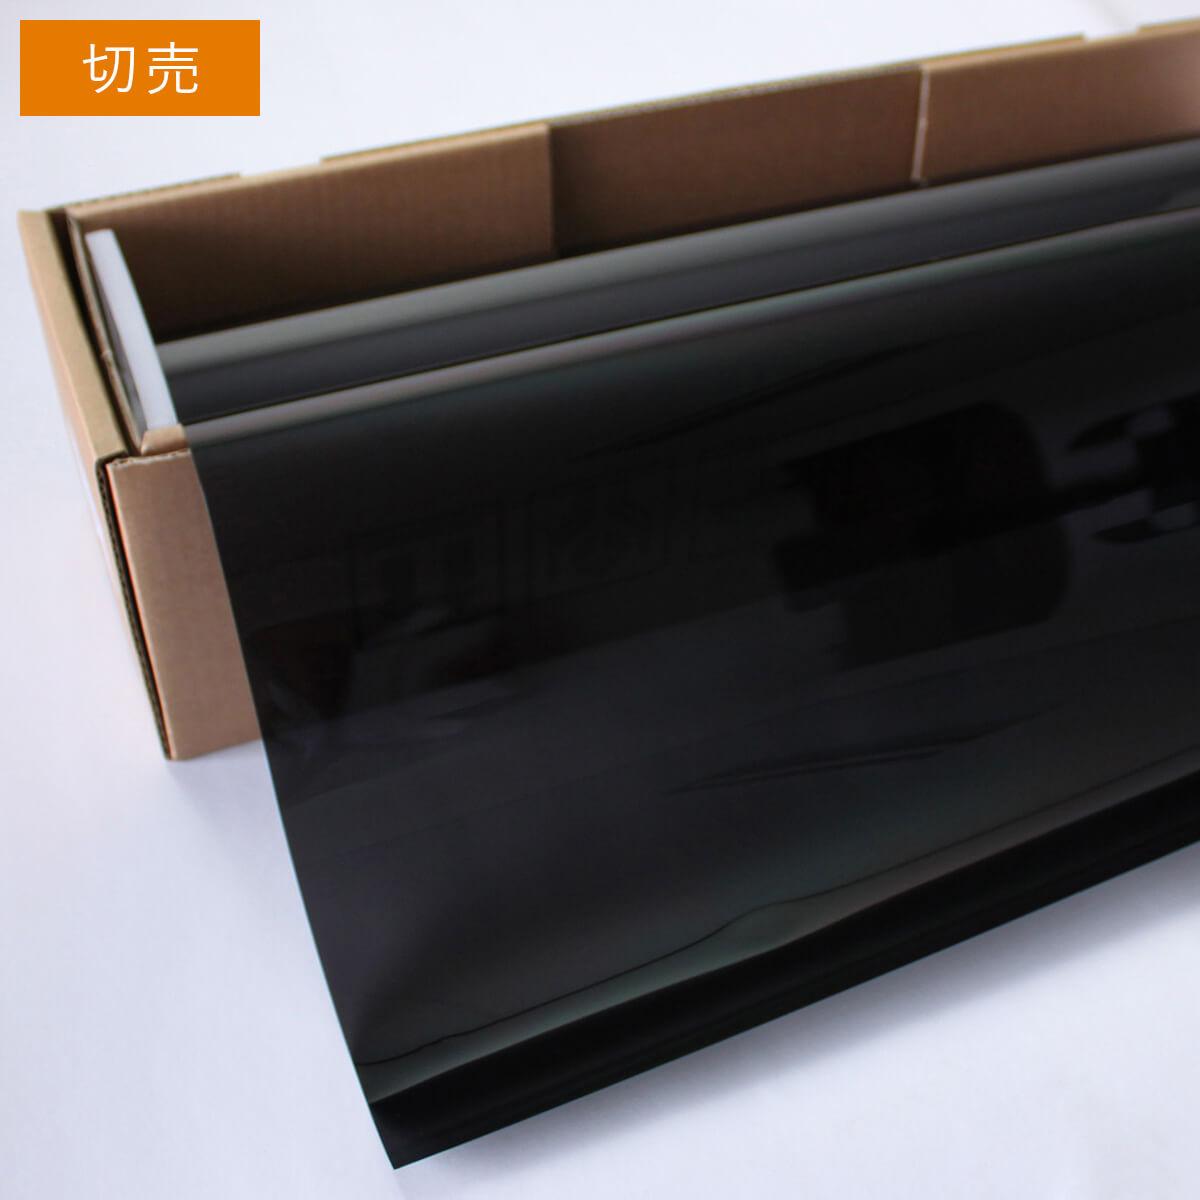 カーフィルム 窓ガラスフィルム プロ・スモーク05(6%) 1m幅×長さ1m単位切売 スモークフィルム 遮熱フィルム 断熱フィルム UVカットフィルム ブレインテック Braintec